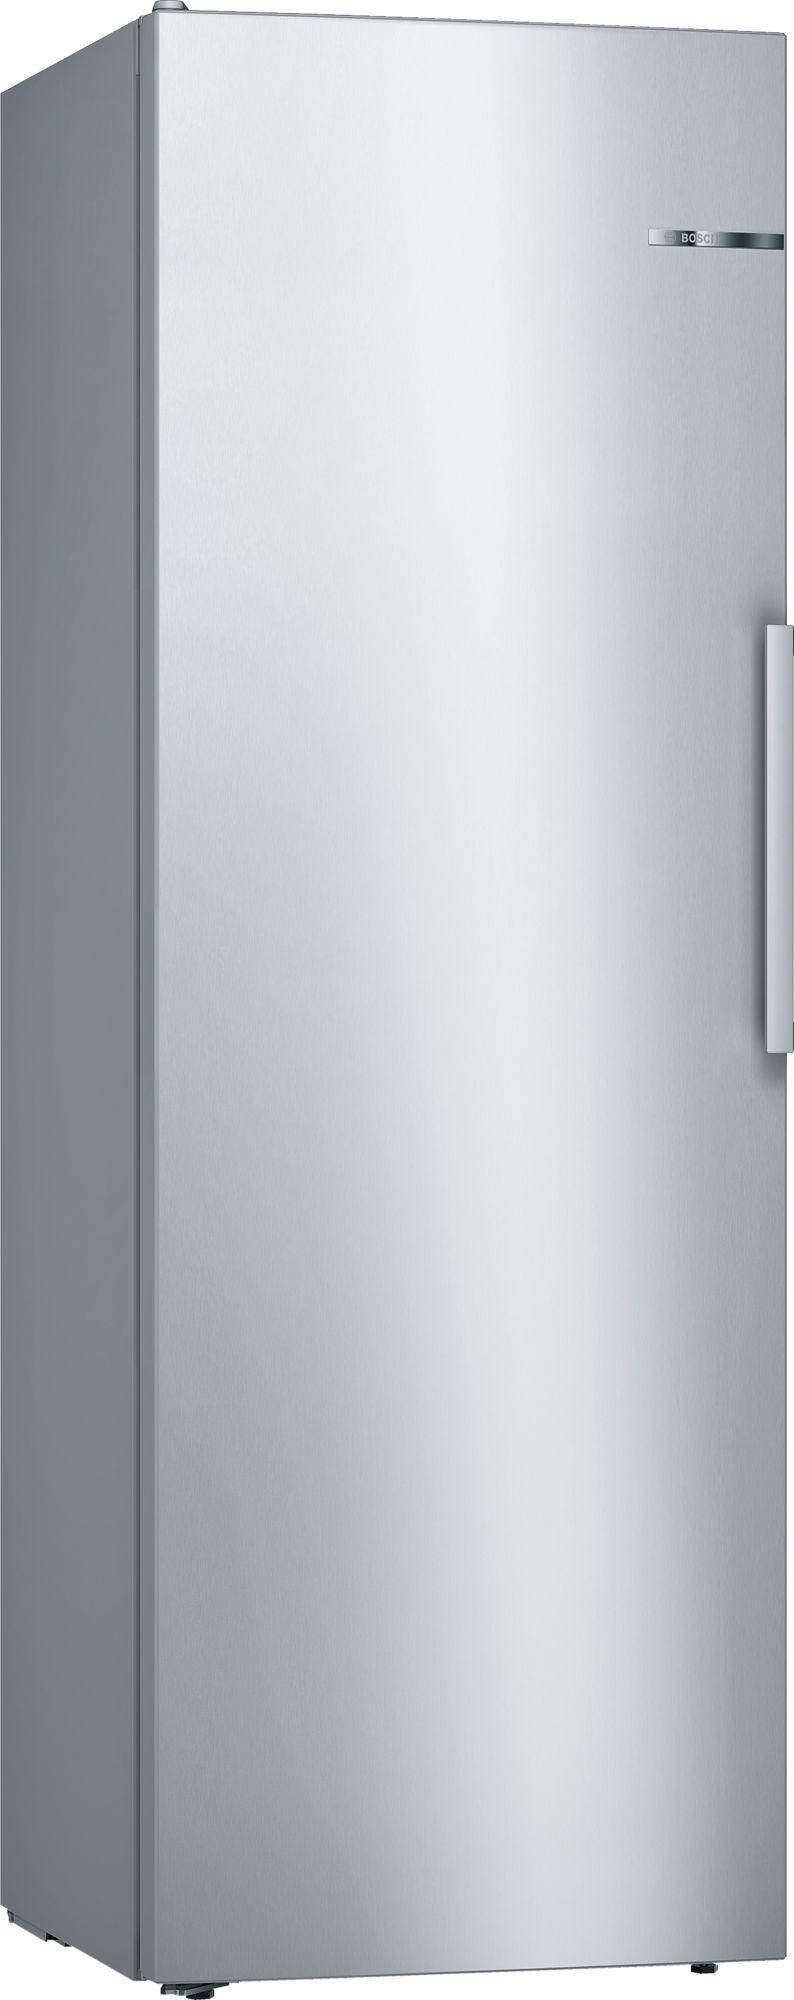 Image of Serie 4 KSV33VLEP 60cm 324 Litre Single Door Larder Fridge | Silver Innox